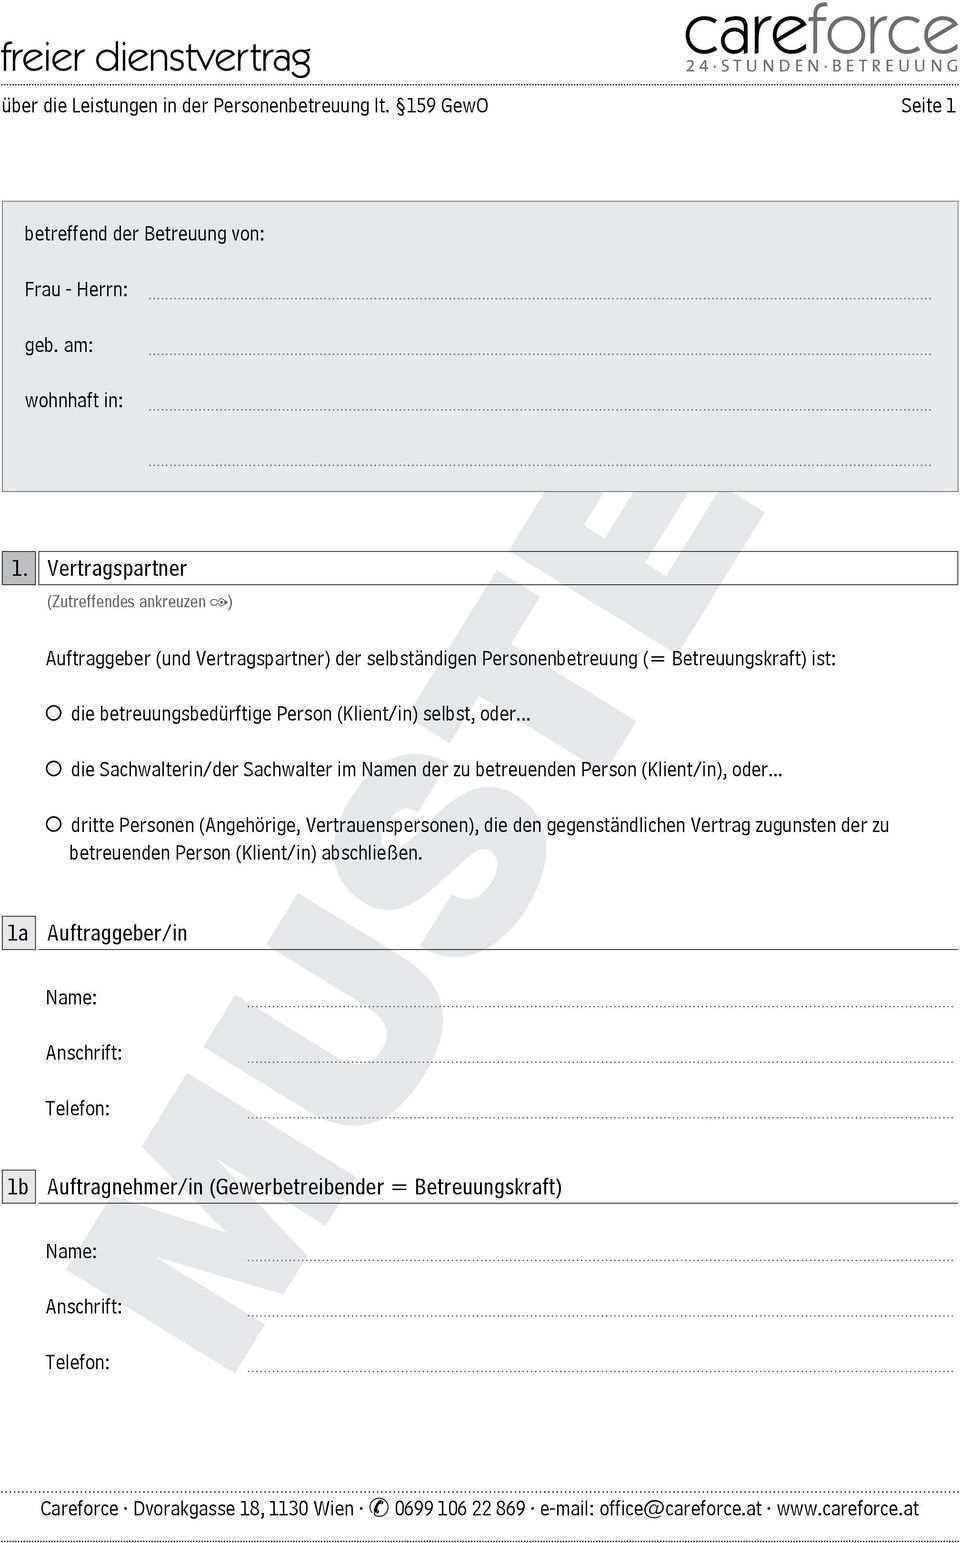 Muster Auftraggeber Und Vertragspartner Der Selbstandigen Personenbetreuung Betreuungskraft Ist Pdf Kostenfreier Download